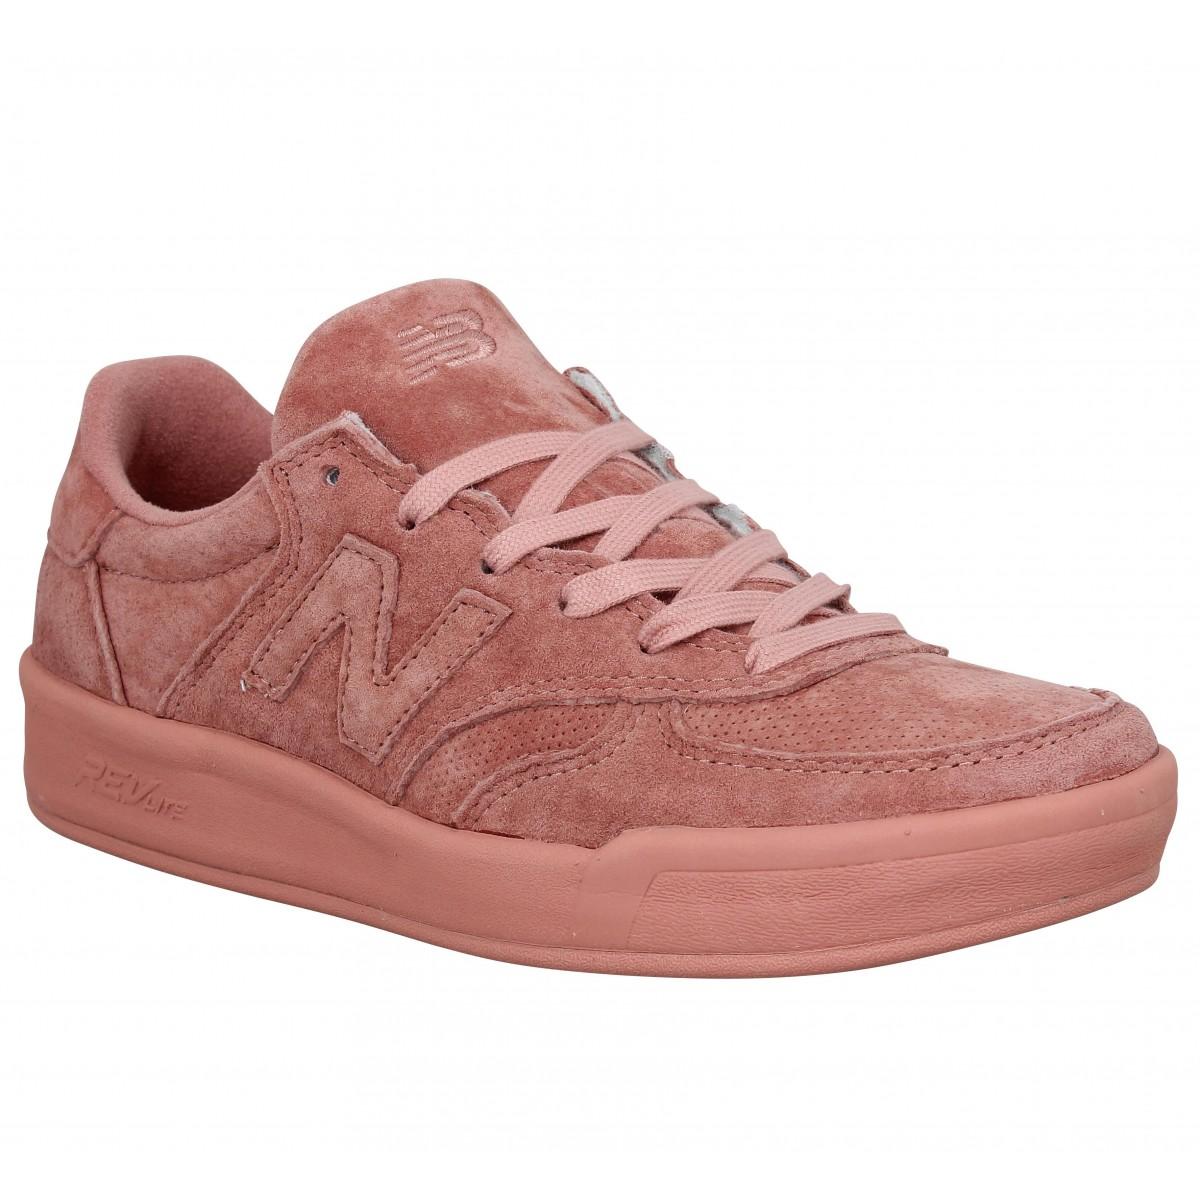 97dff55b184c New balance chaussures pour femme - Vente en ligne